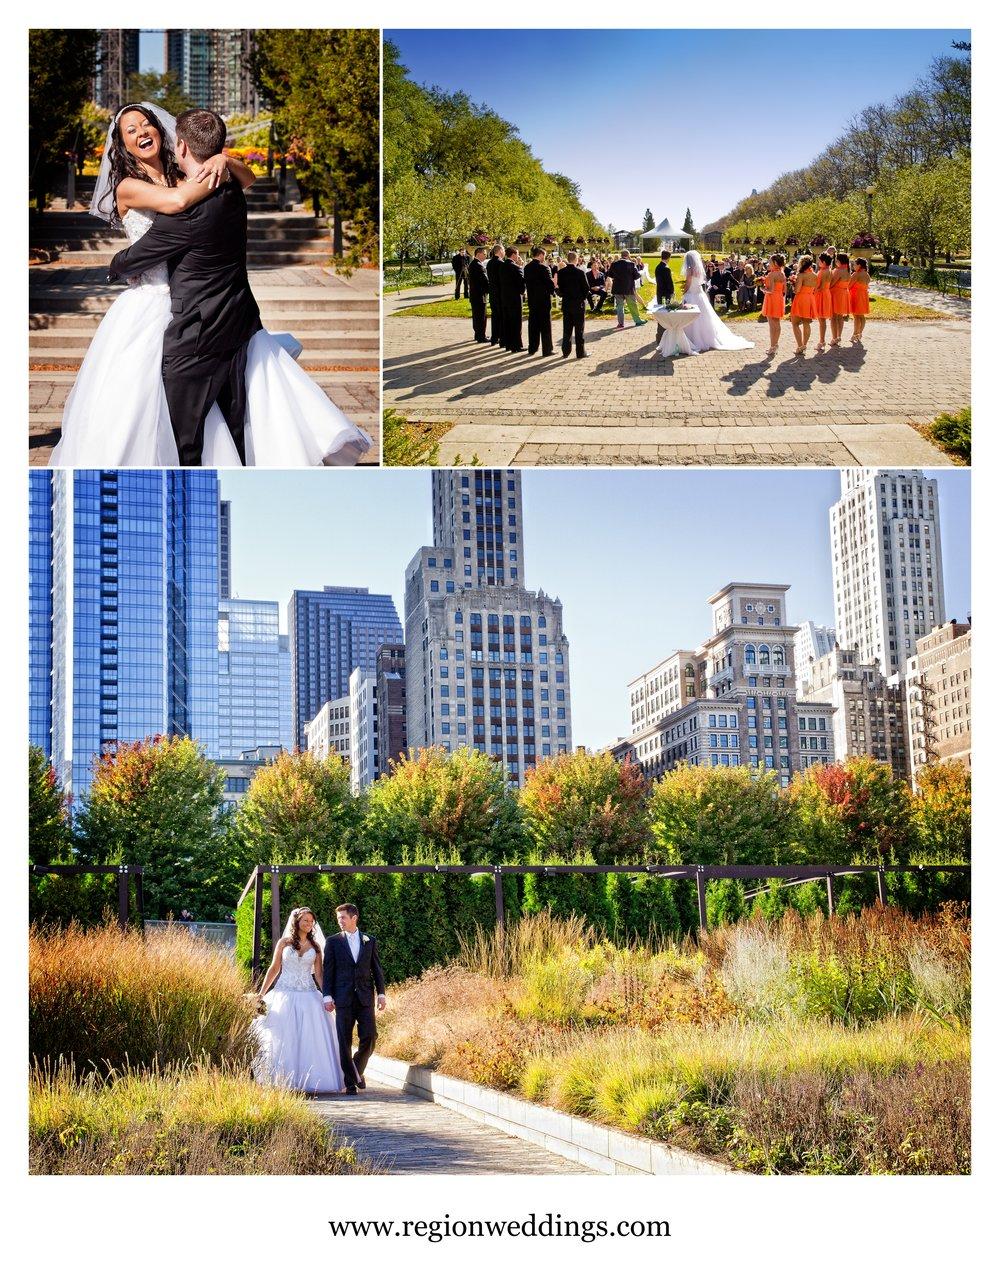 Outdoor wedding ceremony at The Cancer Survivor's Garden in Chicago.